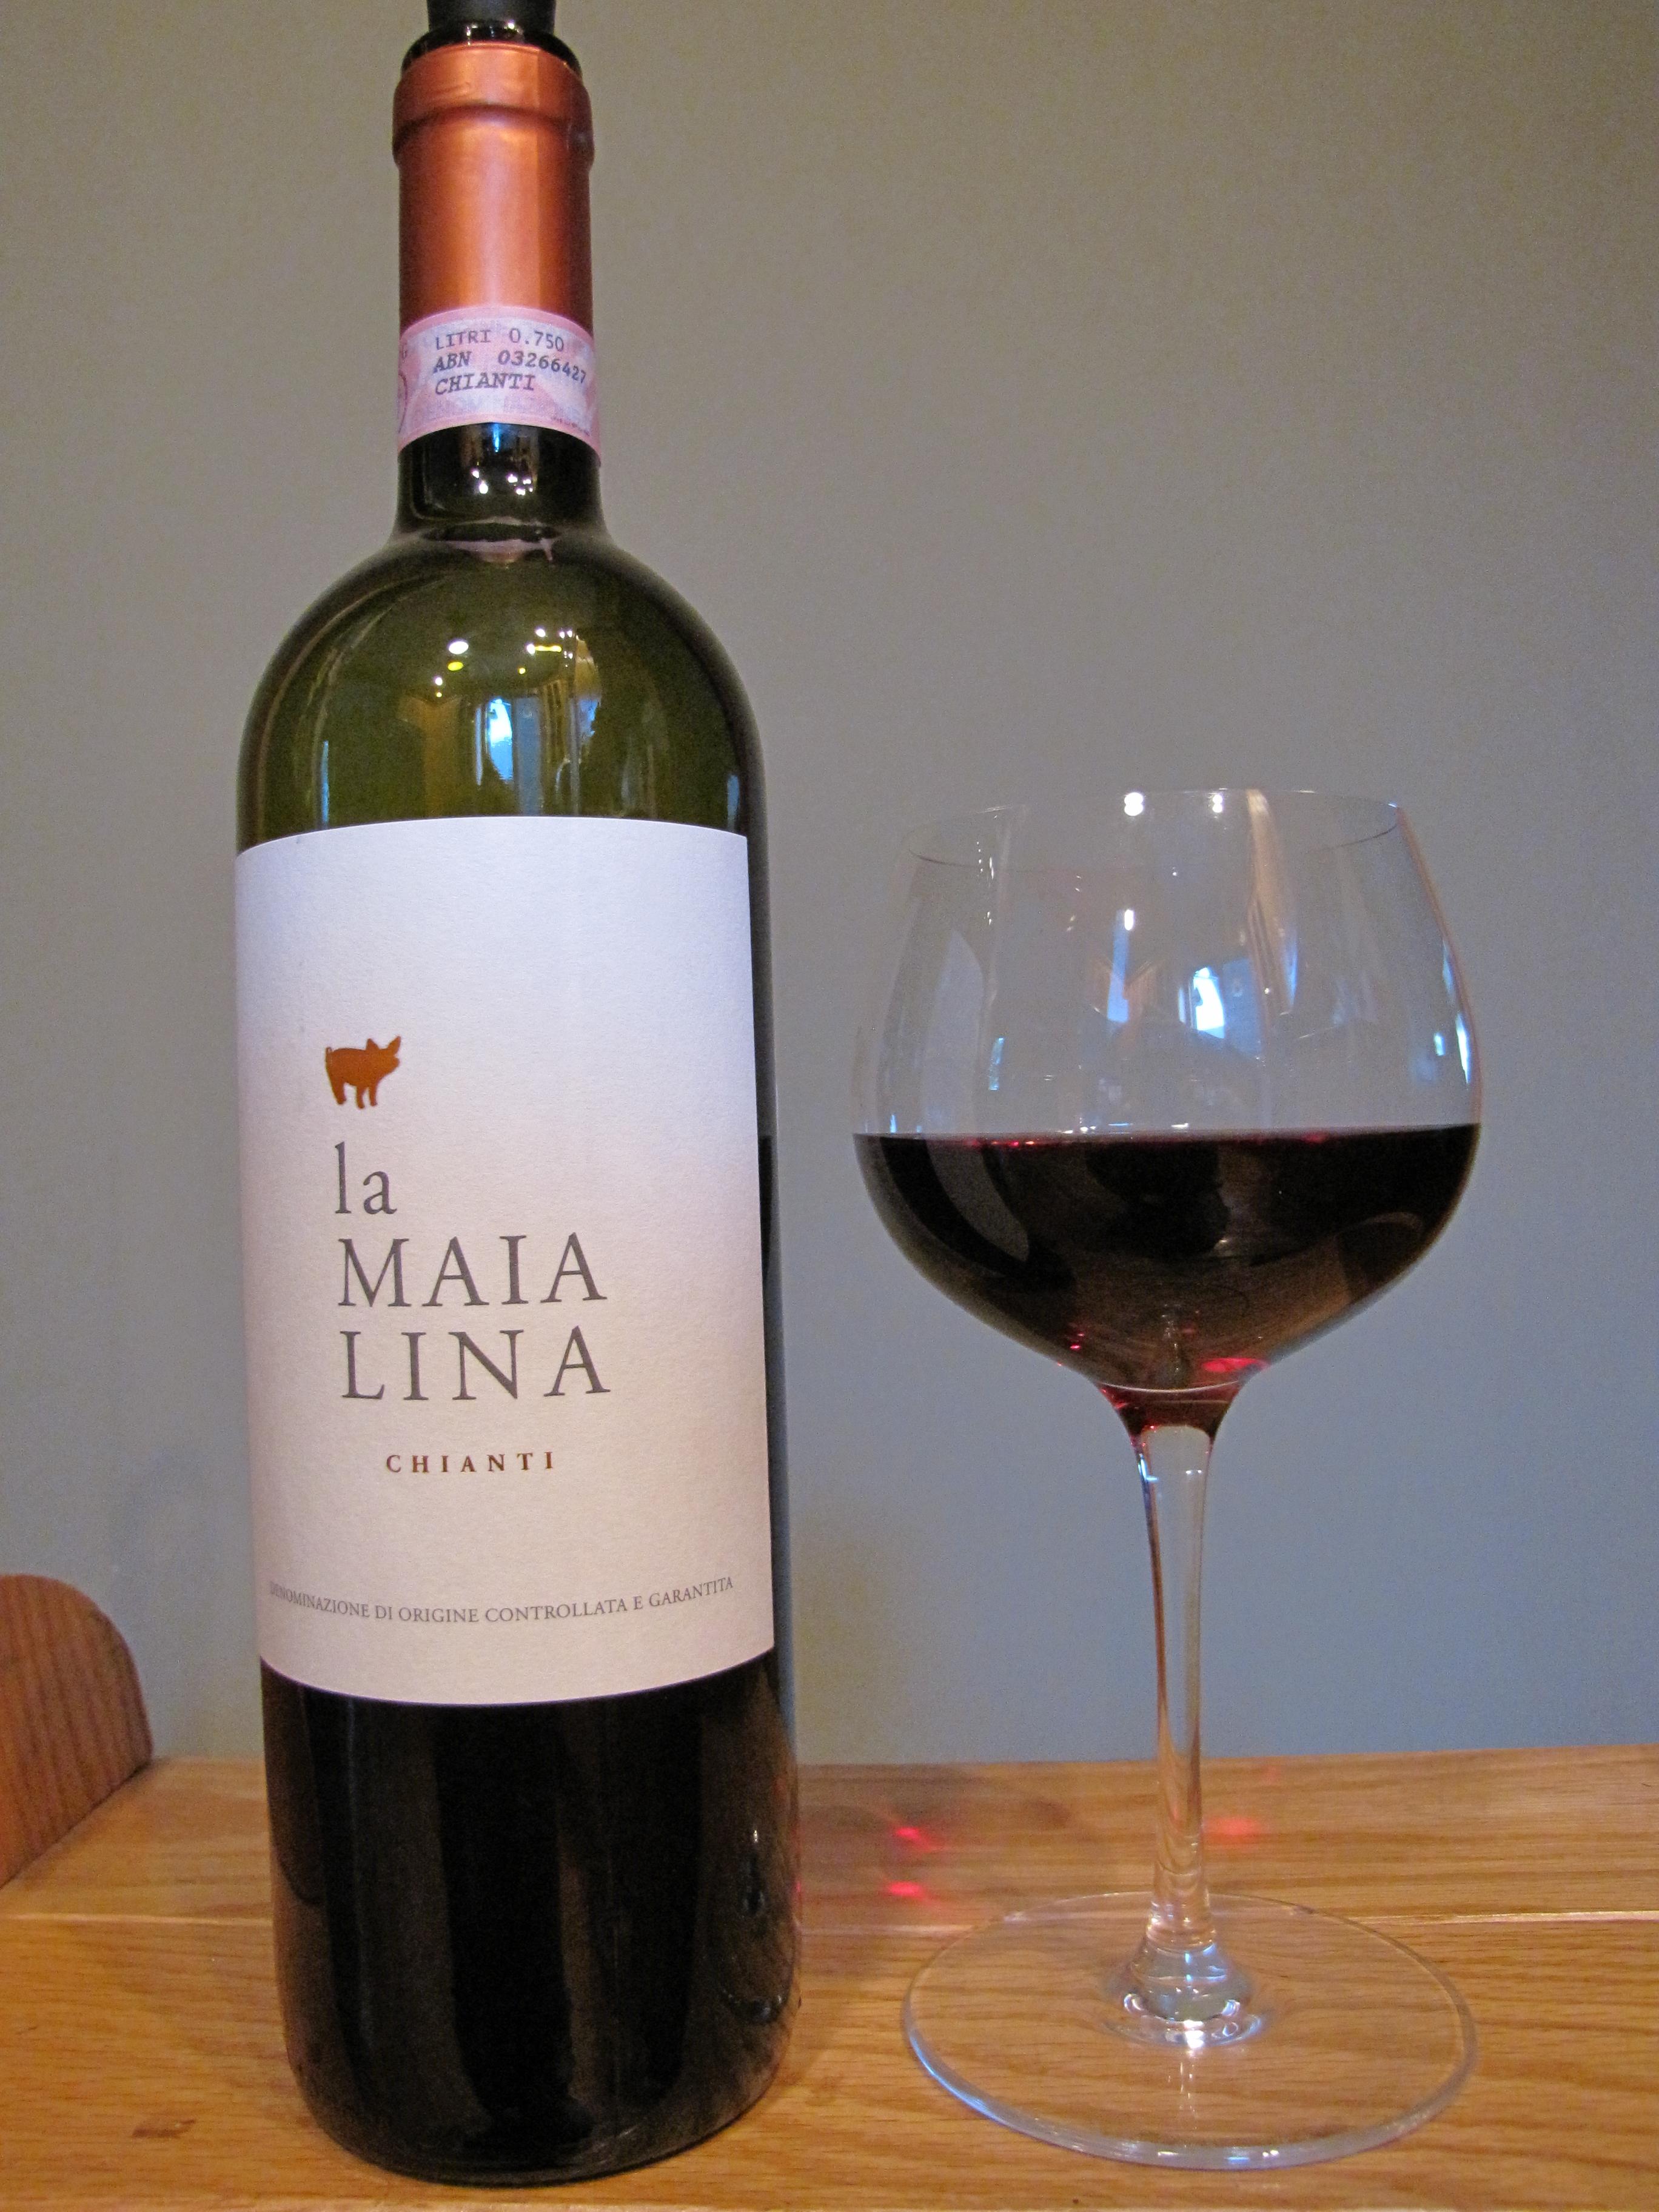 La Maialina Chianti (2009)